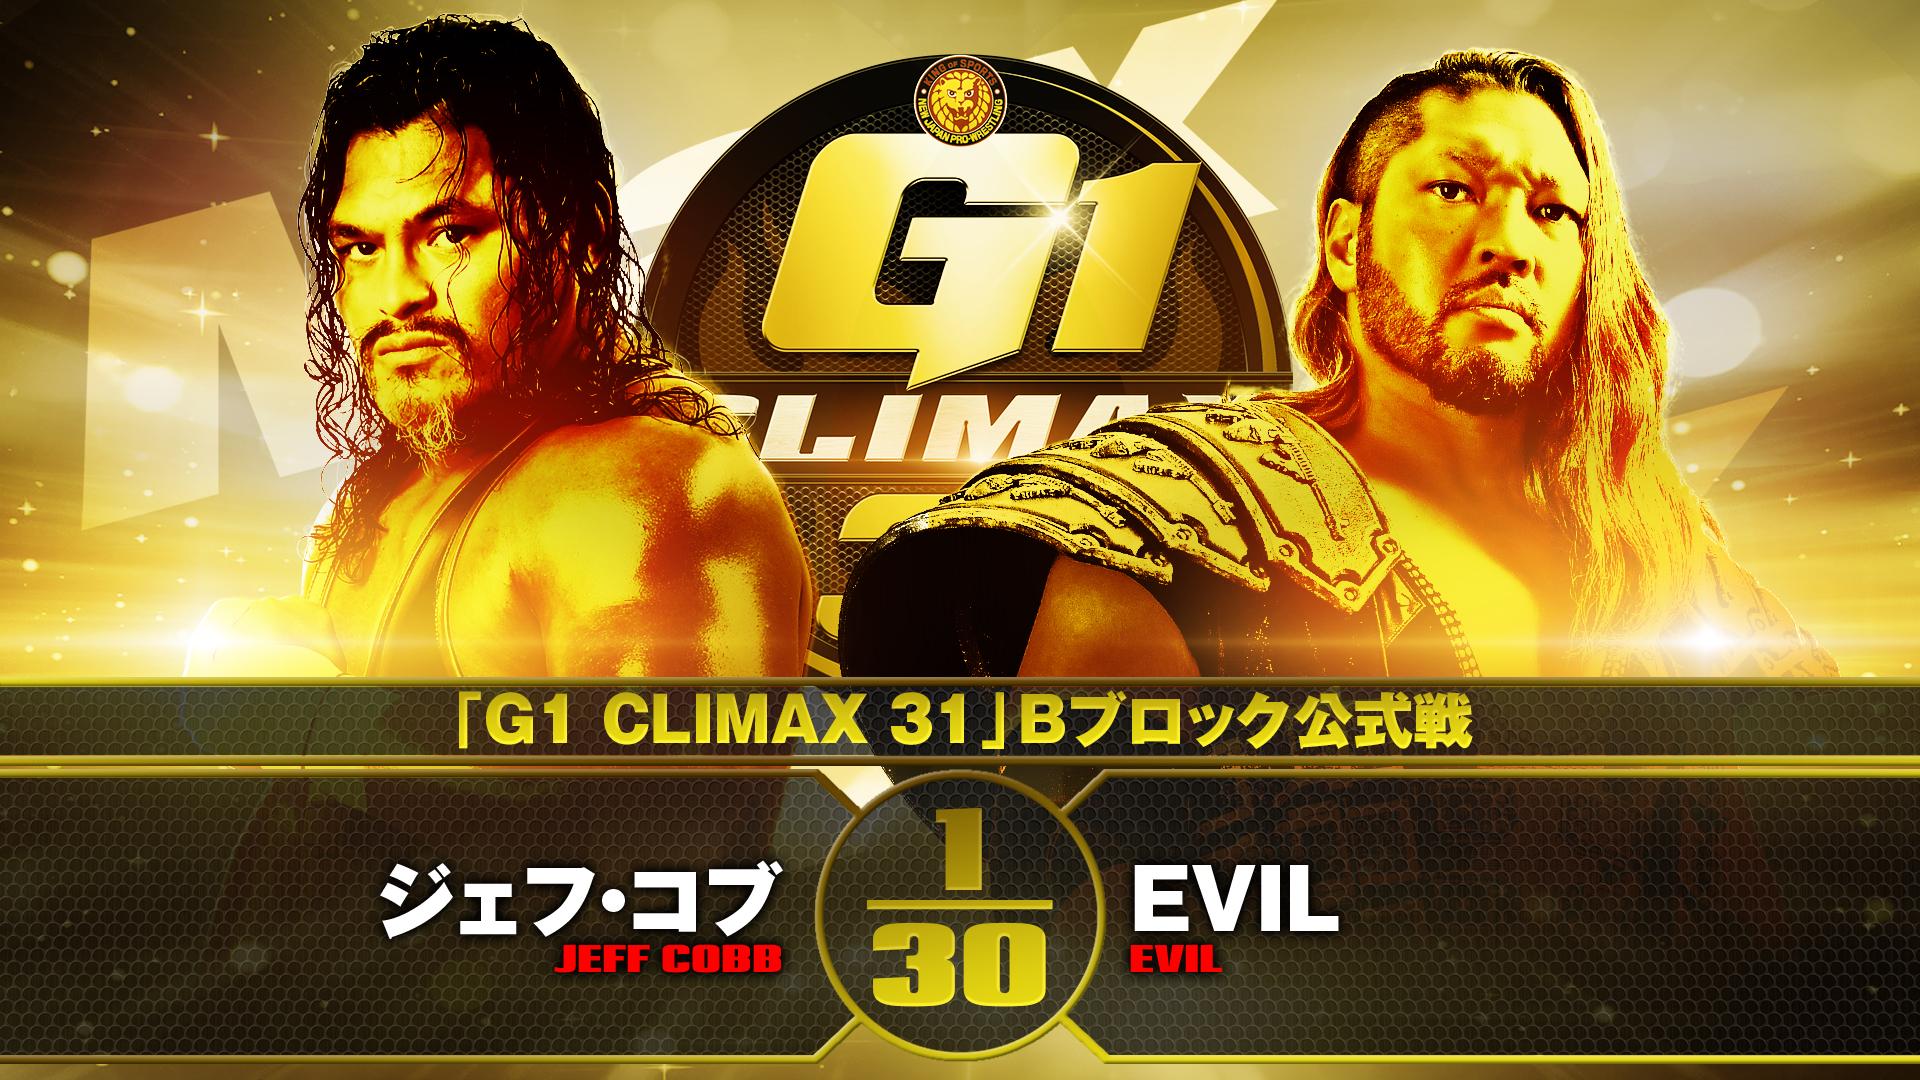 【第5試合】結果速報!新日本プロレス 2021年10月14日『G1 CLIMAX 31』